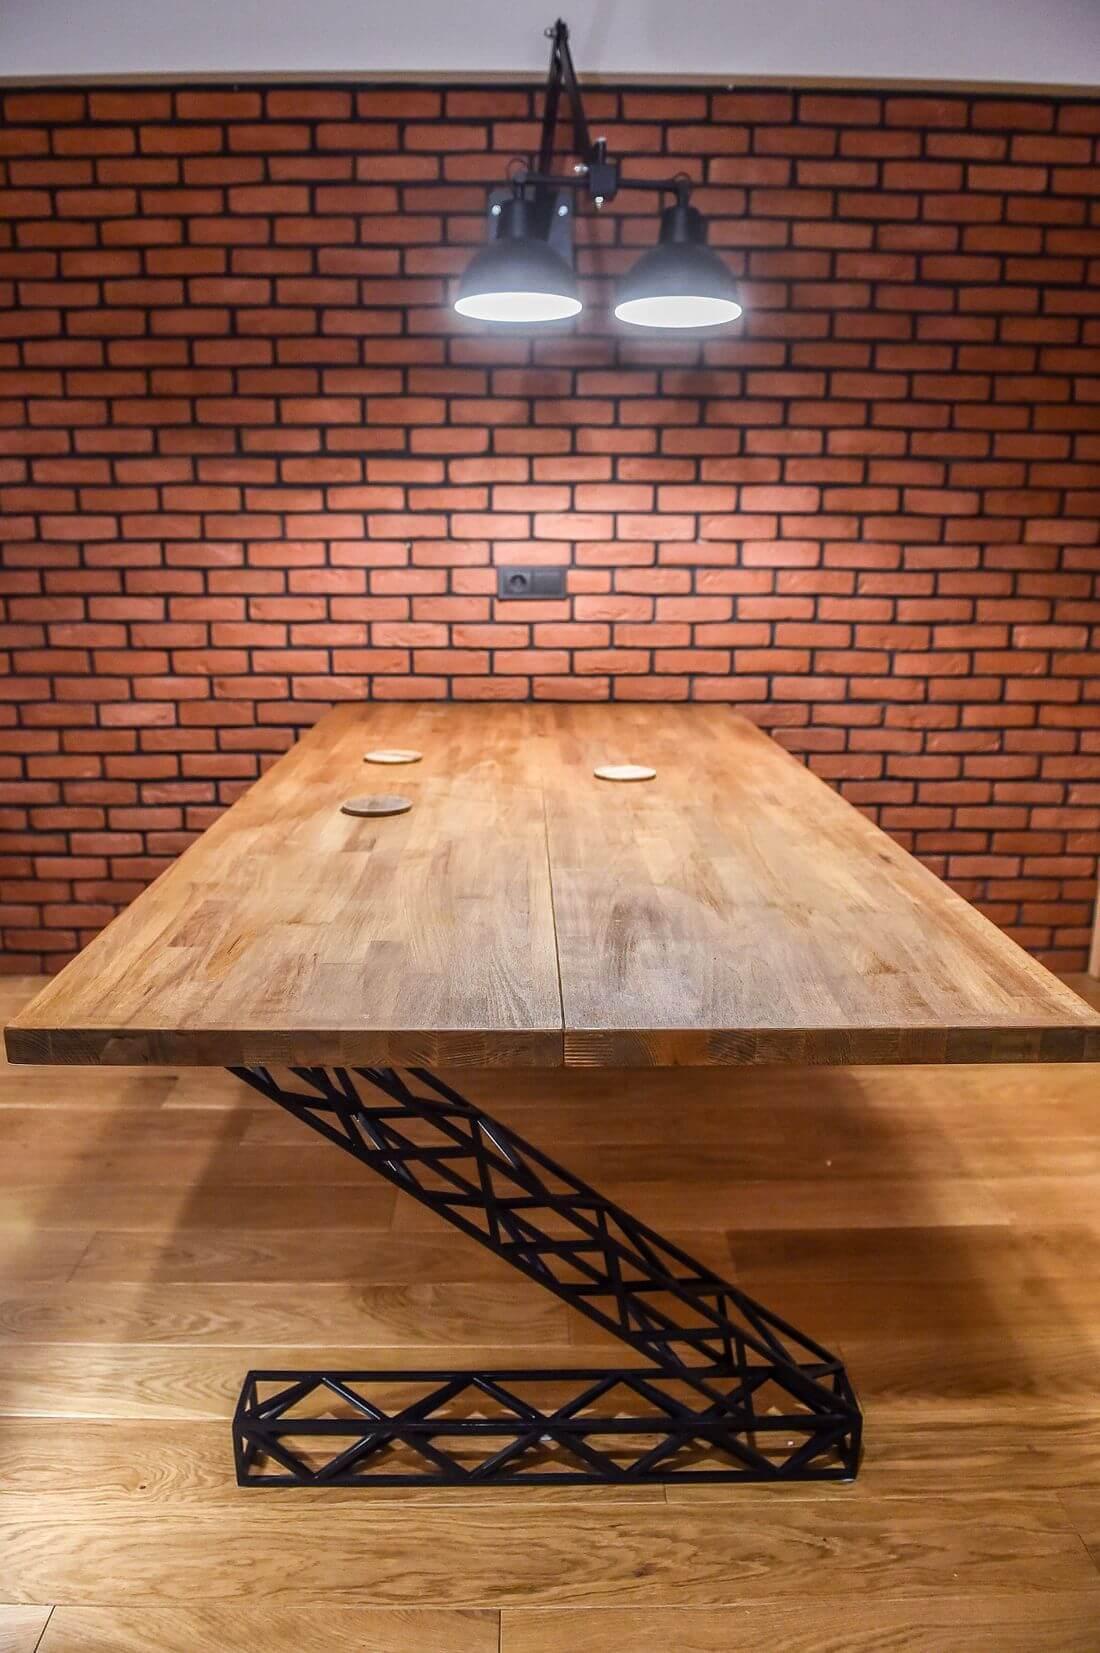 Stół Industrialny drewniany prostokątny z metalowymi nogami oświetlony z góry na ceglanej ścianie